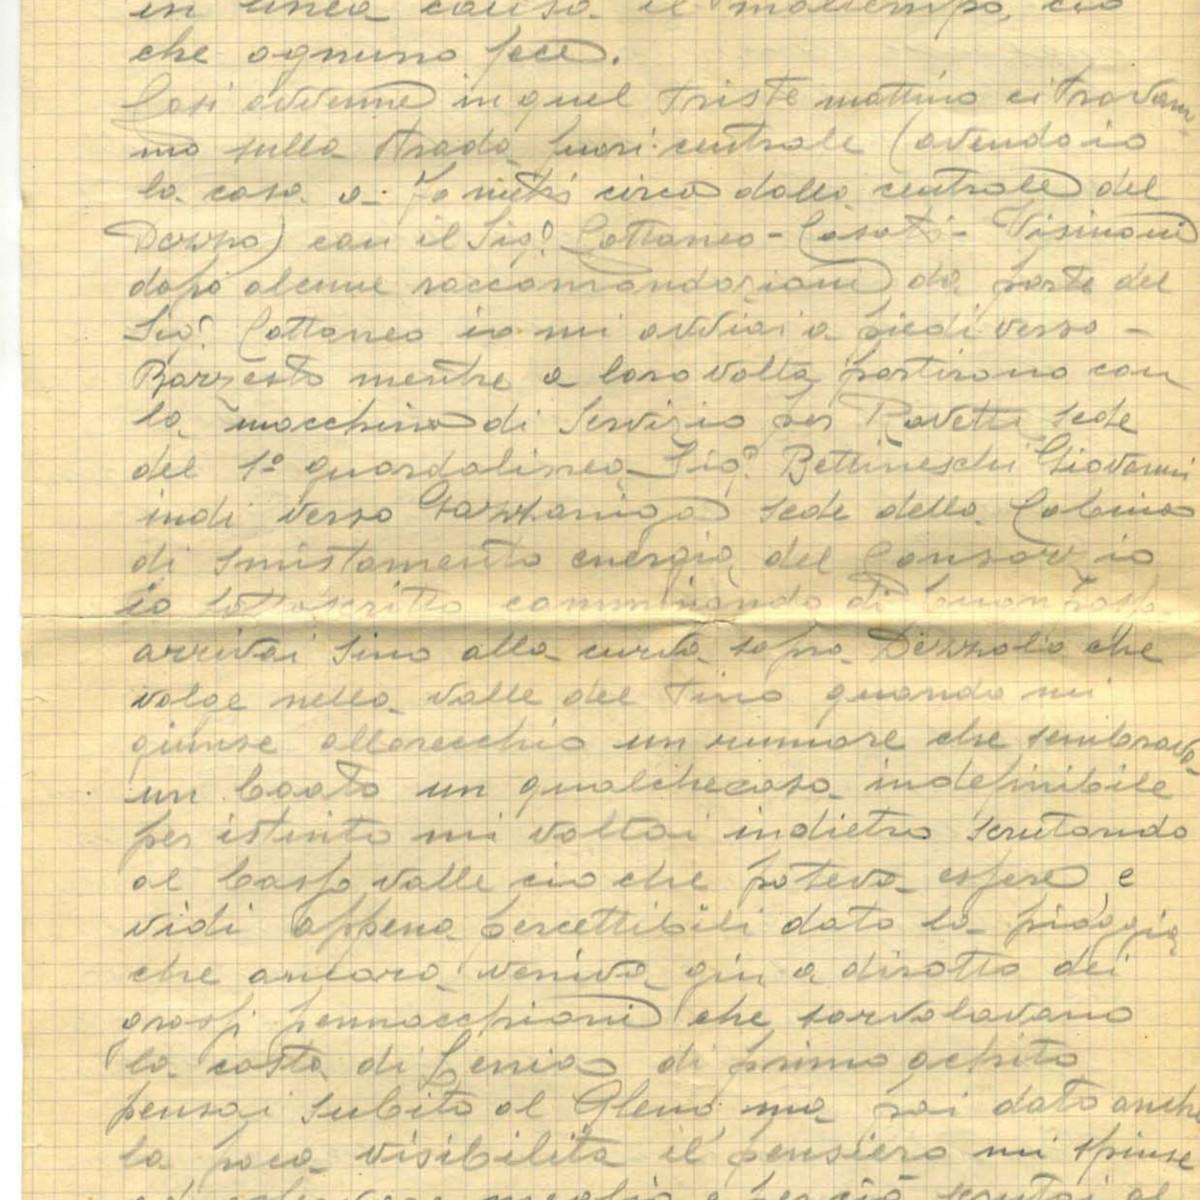 Lettera di Baldoni Angelo_04